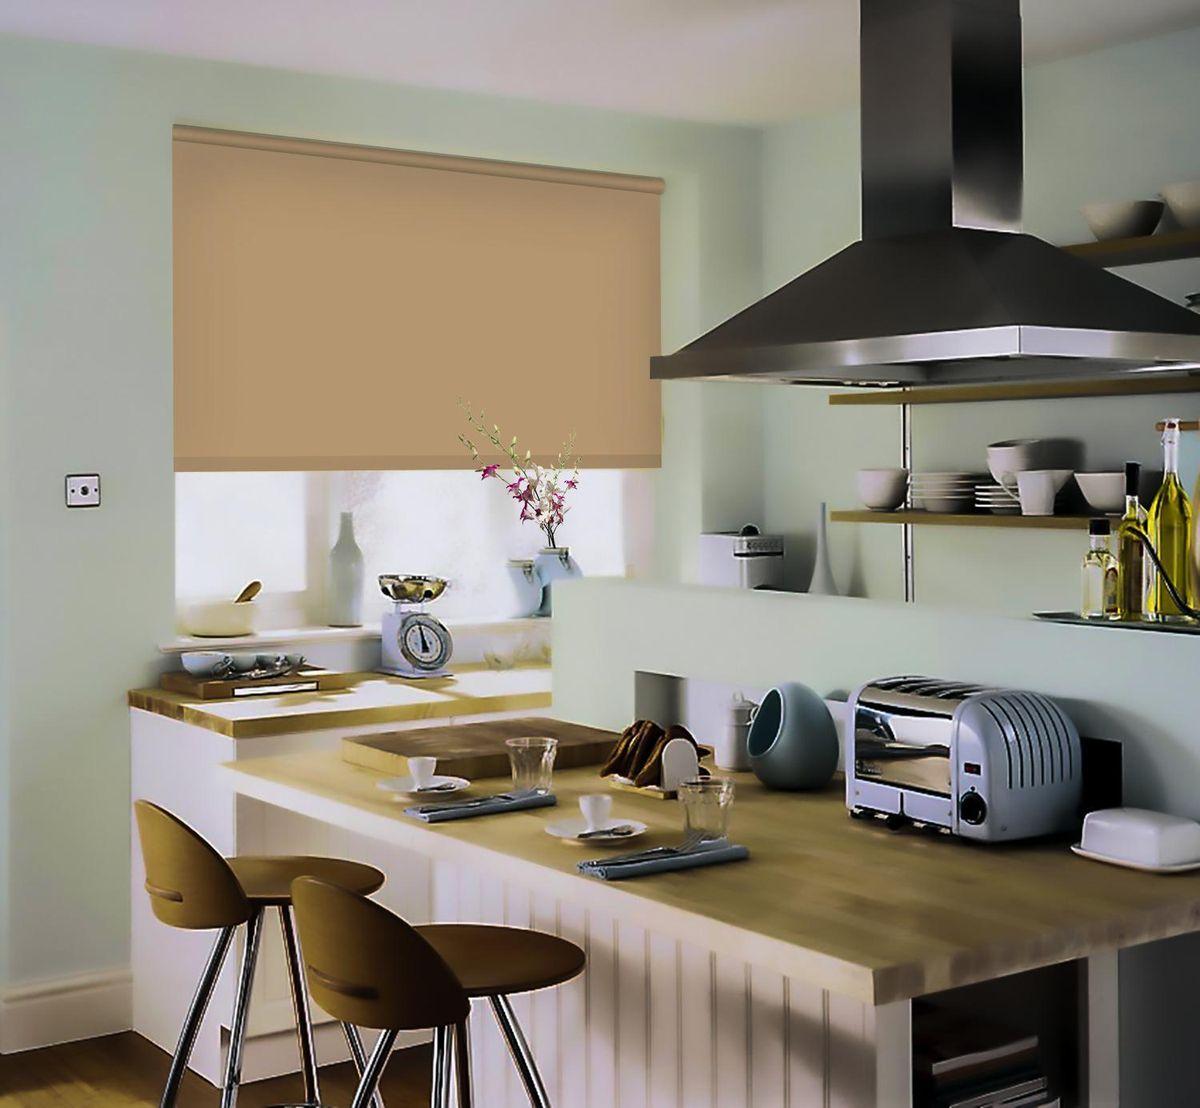 Штора рулонная Эскар, цвет: темно-бежевый, ширина 140 см, высота 170 см81209140170Рулонными шторами можно оформлять окна как самостоятельно, так и использовать в комбинации с портьерами. Это поможет предотвратить выгорание дорогой ткани на солнце и соединит функционал рулонных с красотой навесных. Преимущества применения рулонных штор для пластиковых окон: - имеют прекрасный внешний вид: многообразие и фактурность материала изделия отлично смотрятся в любом интерьере; - многофункциональны: есть возможность подобрать шторы способные эффективно защитить комнату от солнца, при этом она не будет слишком темной. - Есть возможность осуществить быстрый монтаж. ВНИМАНИЕ! Размеры ширины изделия указаны по ширине ткани! Во время эксплуатации не рекомендуется полностью разматывать рулон, чтобы не оторвать ткань от намоточного вала. В случае загрязнения поверхности ткани, чистку шторы проводят одним из способов, в зависимости от типа загрязнения: легкое поверхностное загрязнение можно удалить при помощи канцелярского ластика; чистка от пыли производится сухим методом при...